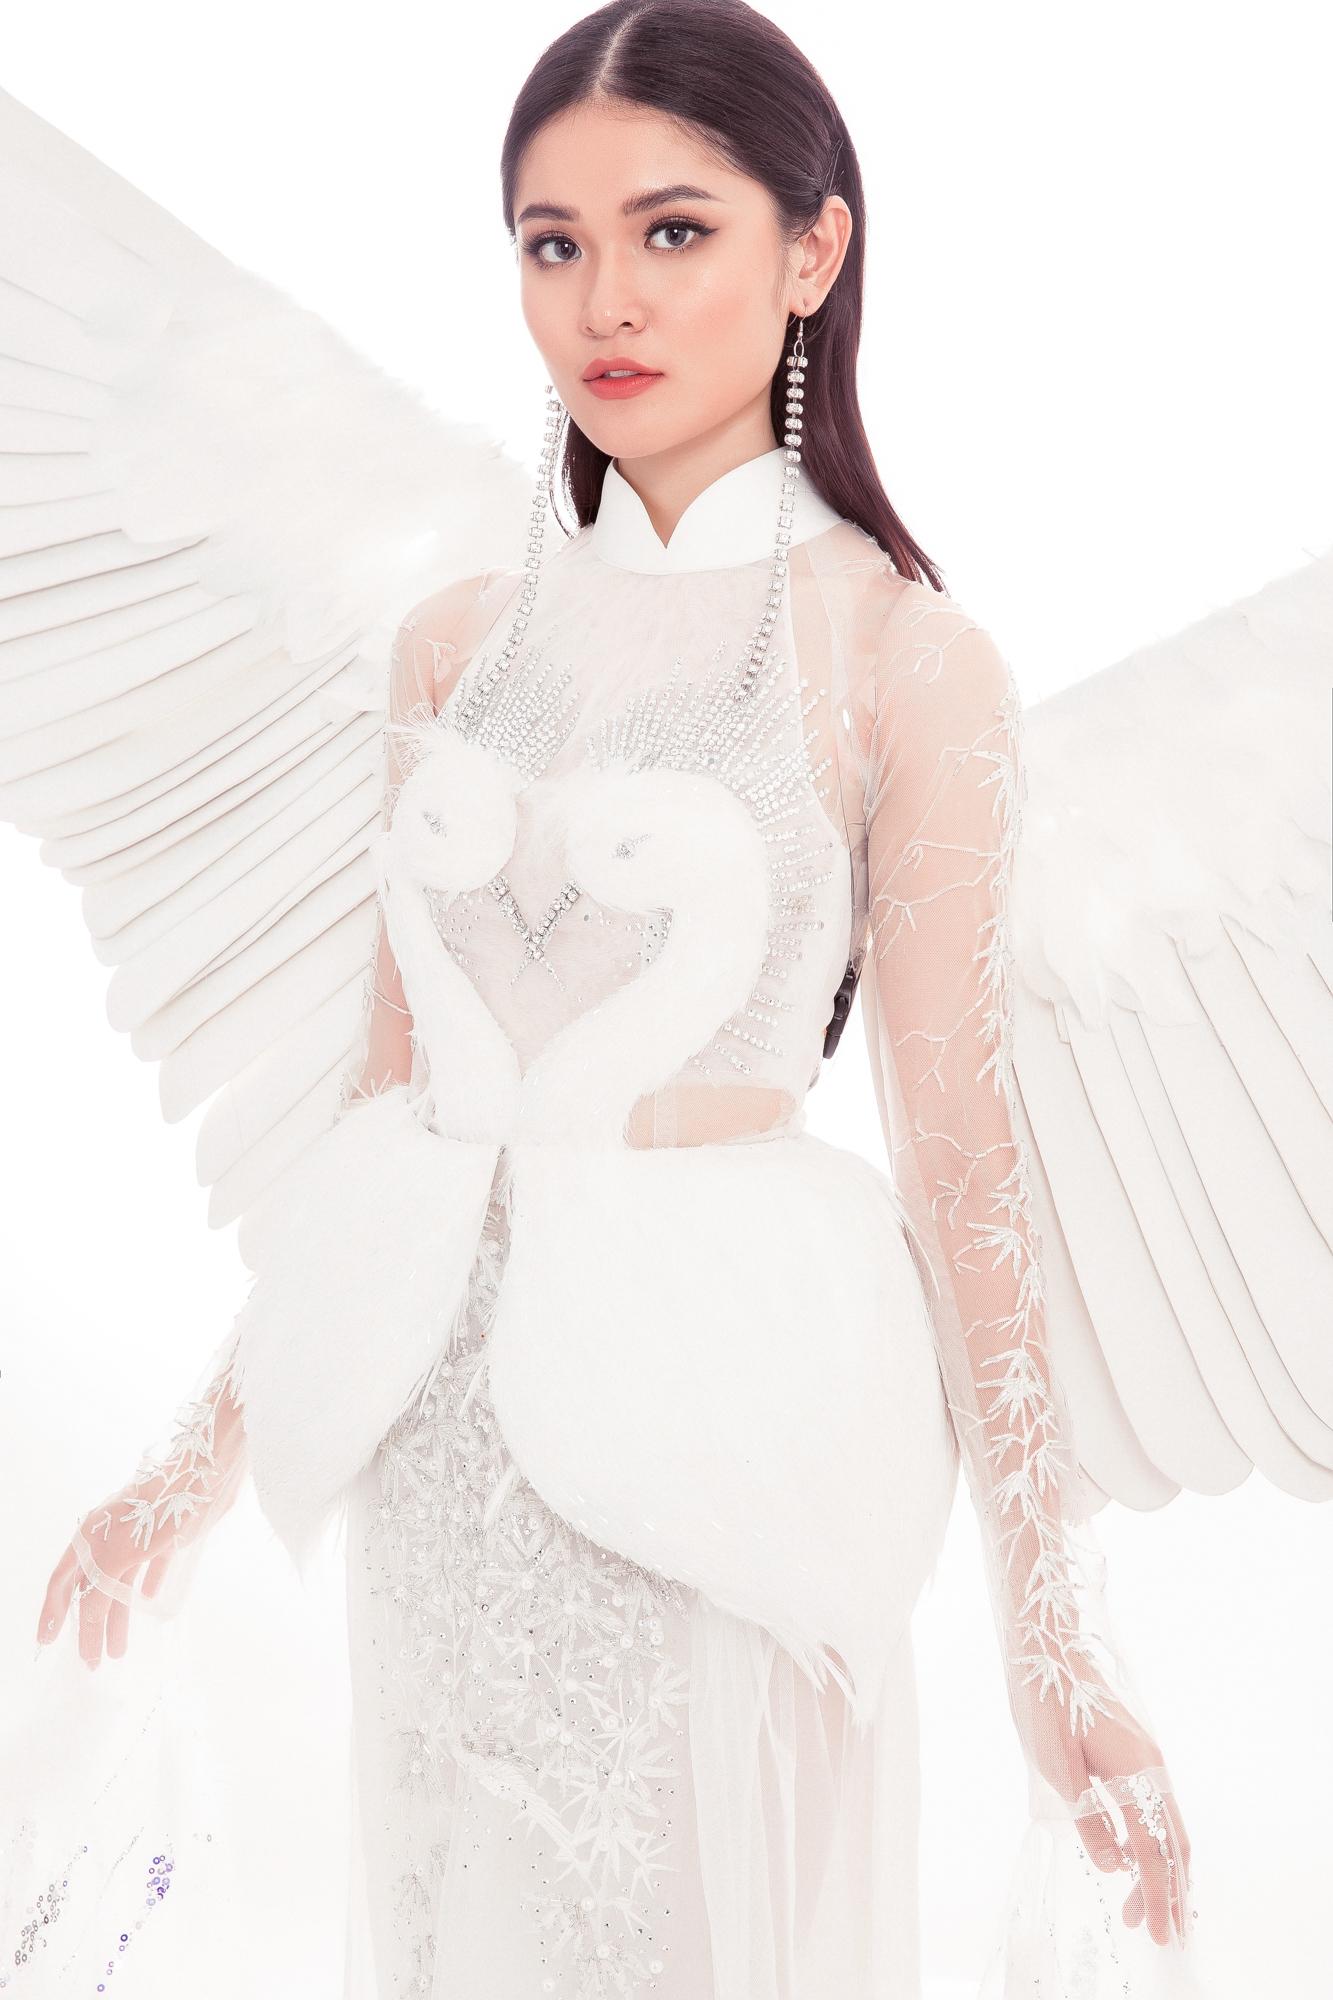 Hé lộ trang phục cầu kỳ của Á hậu Thuỳ Dung tại Miss International 2017